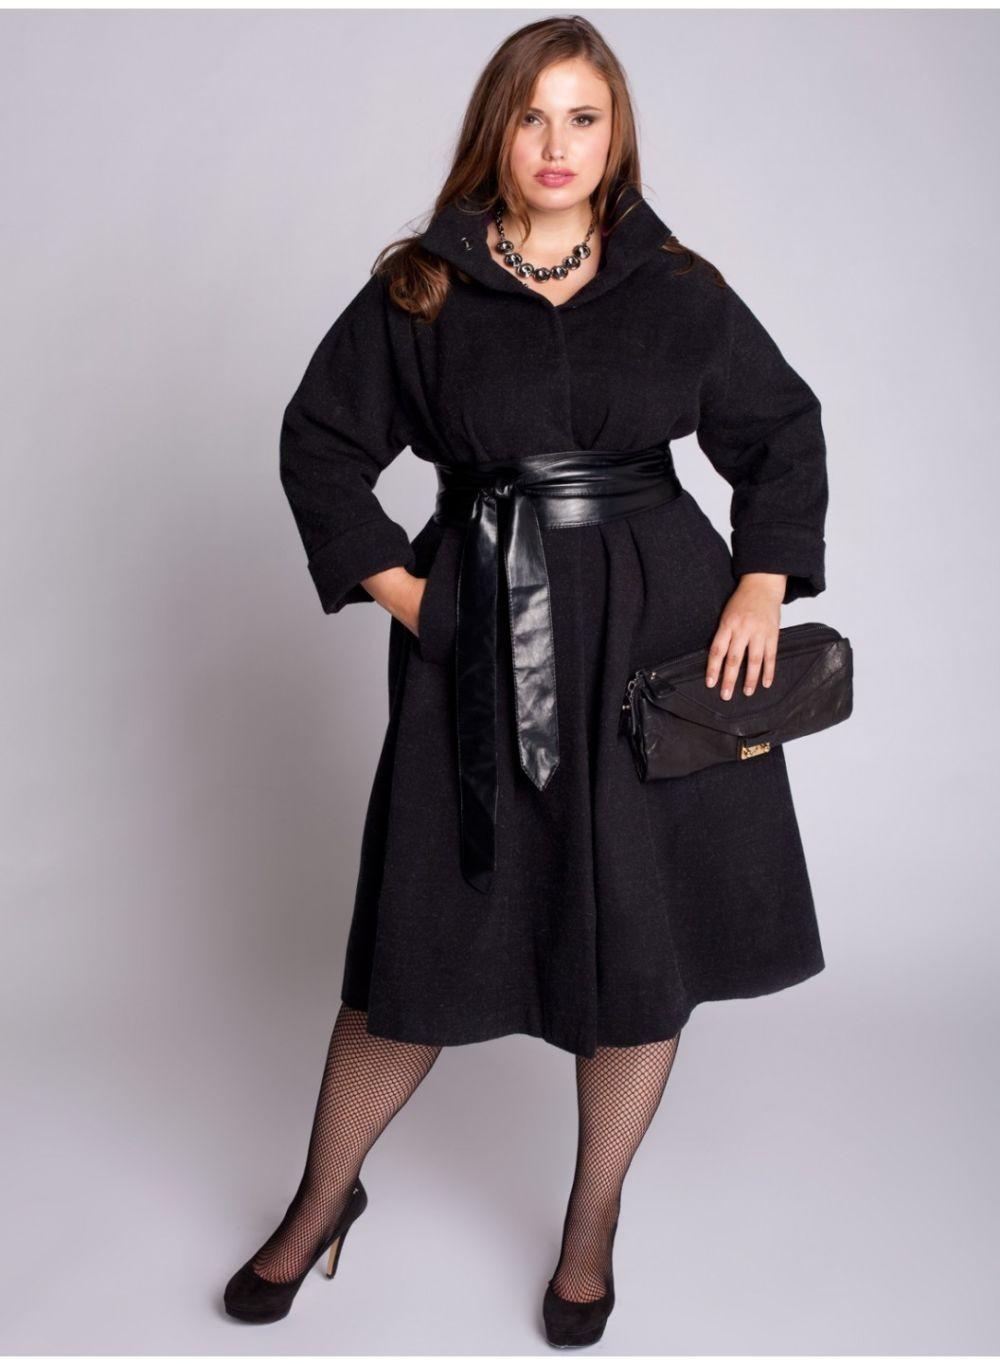 Мода для полных женщин 2018 фото за 40 лет: пальто миди черное с поясом